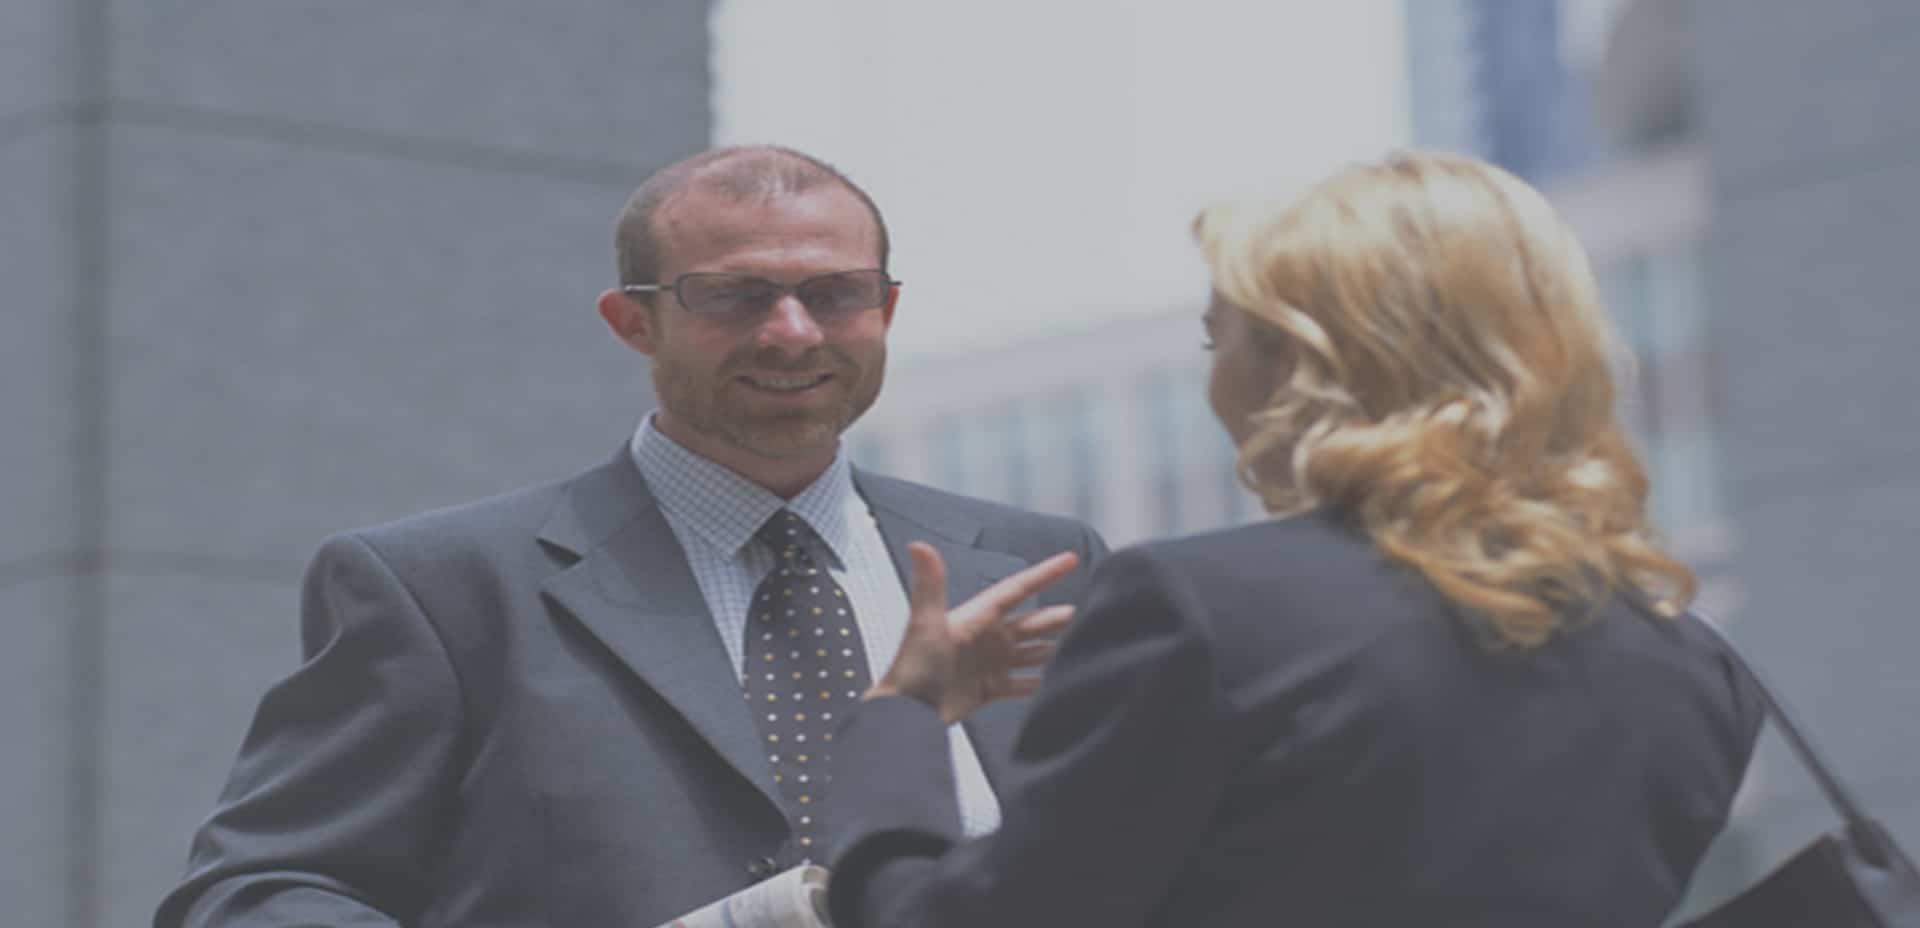 Asistente Virtual bienes raíces & Profesional de bienes raíces Tándem exitoso